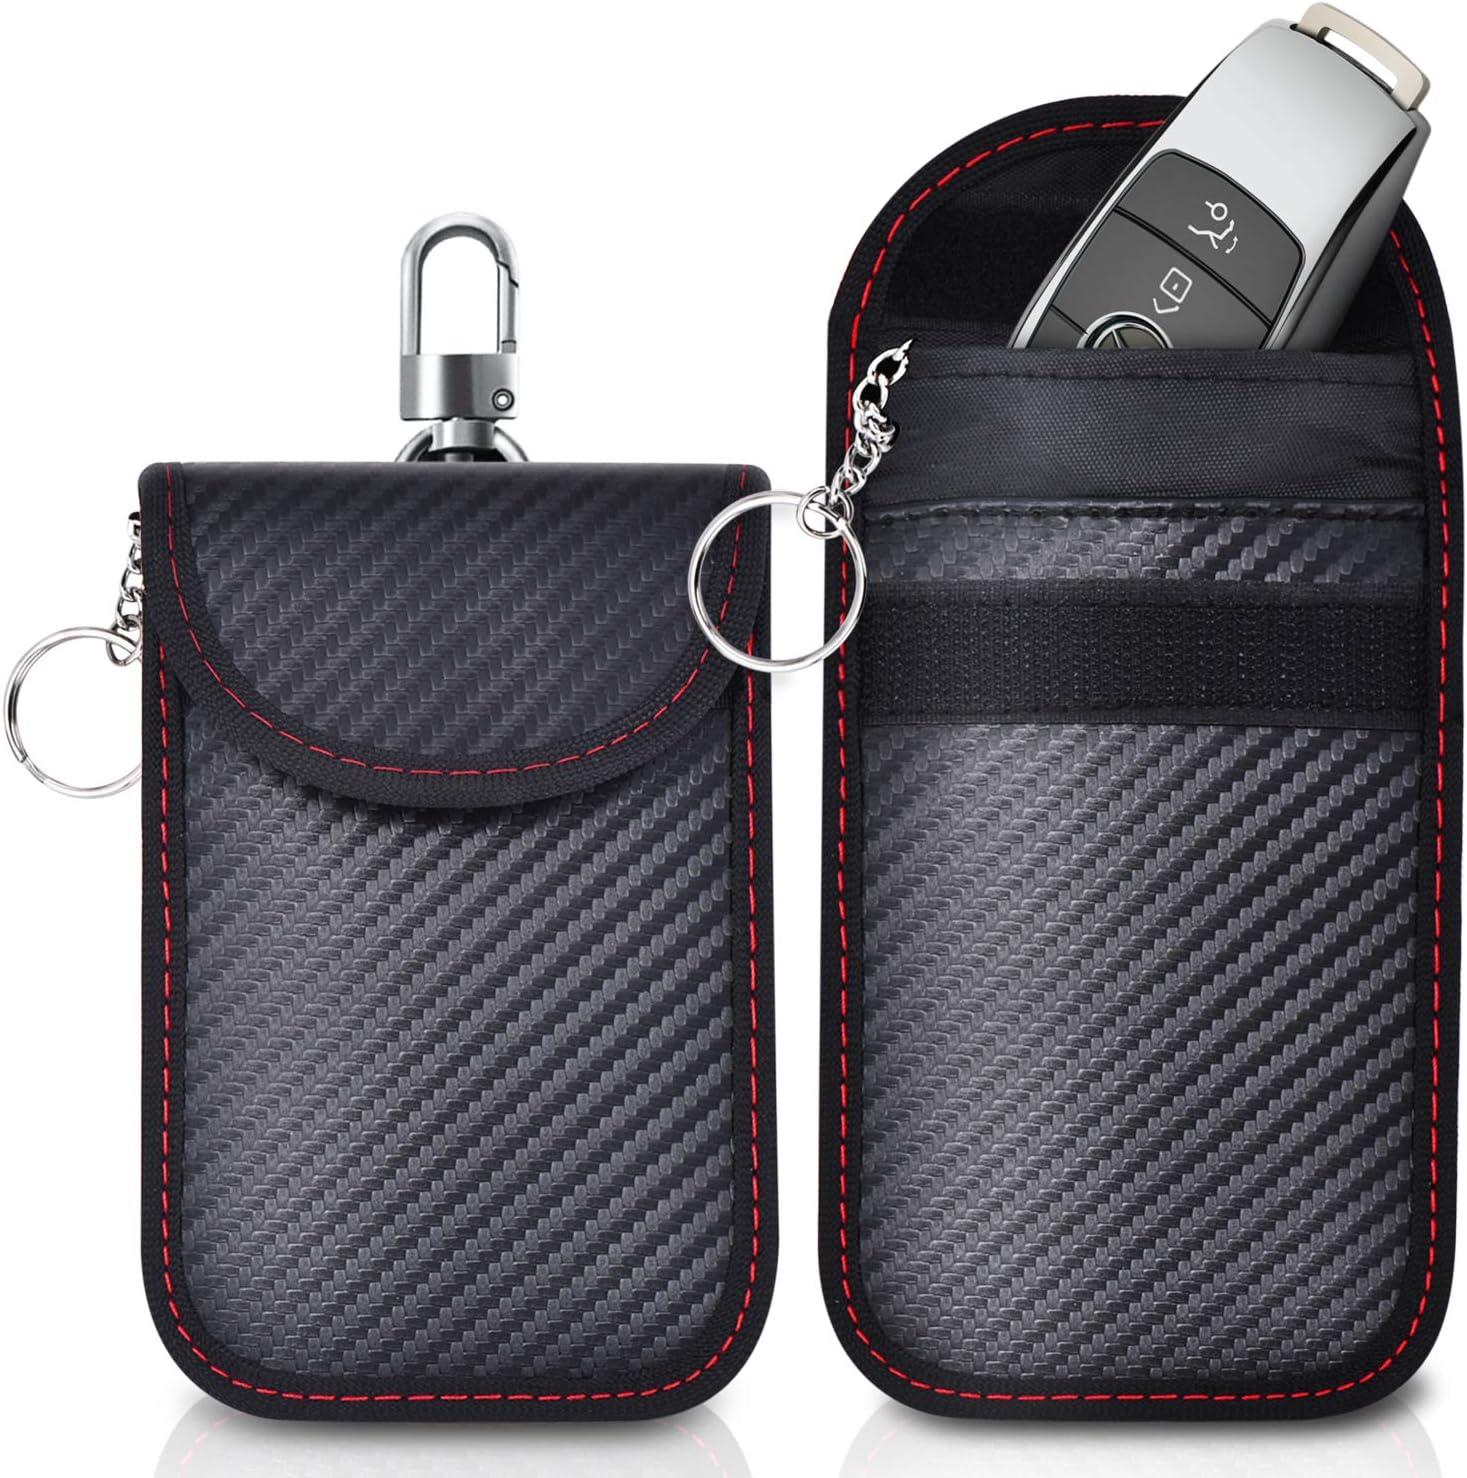 Keyless Go Schutz Autoschlüssel Hülle 2 Stk Rfid Elektronik